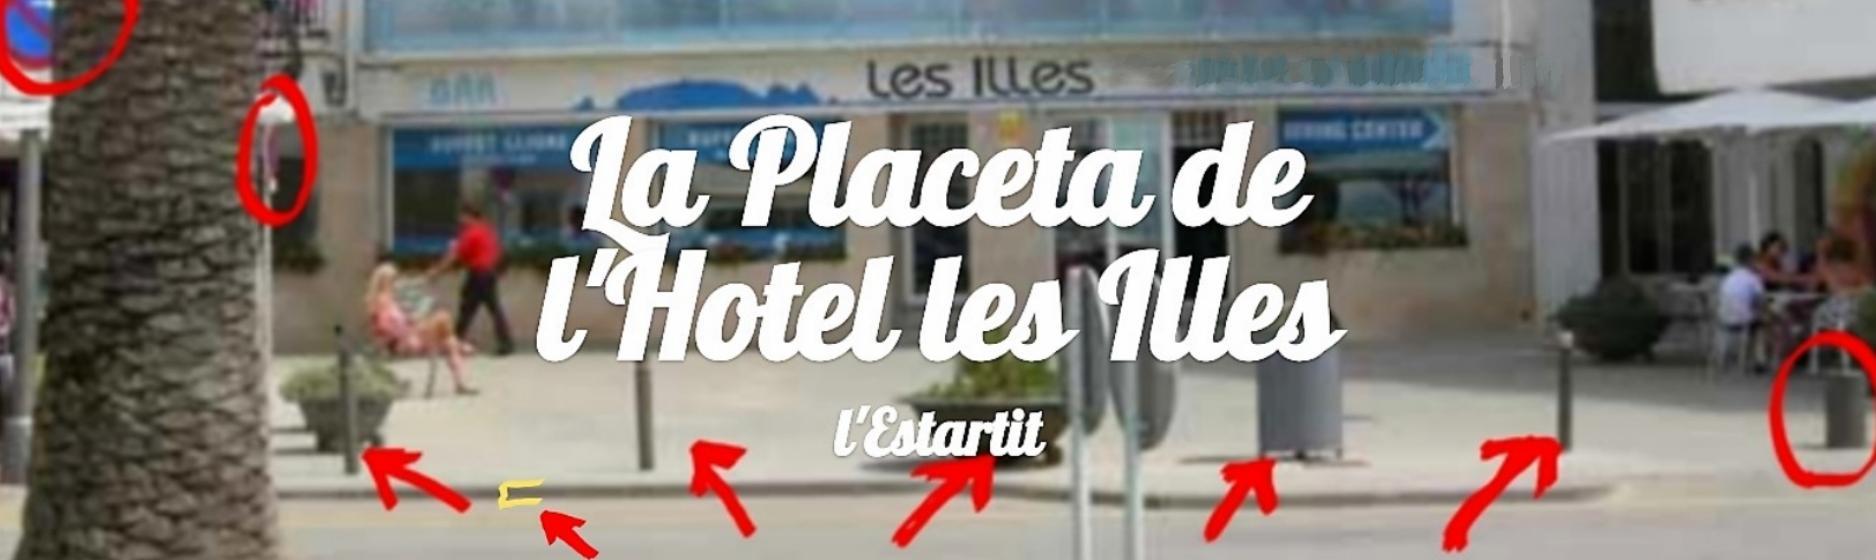 Placeta hotel les illes estartit